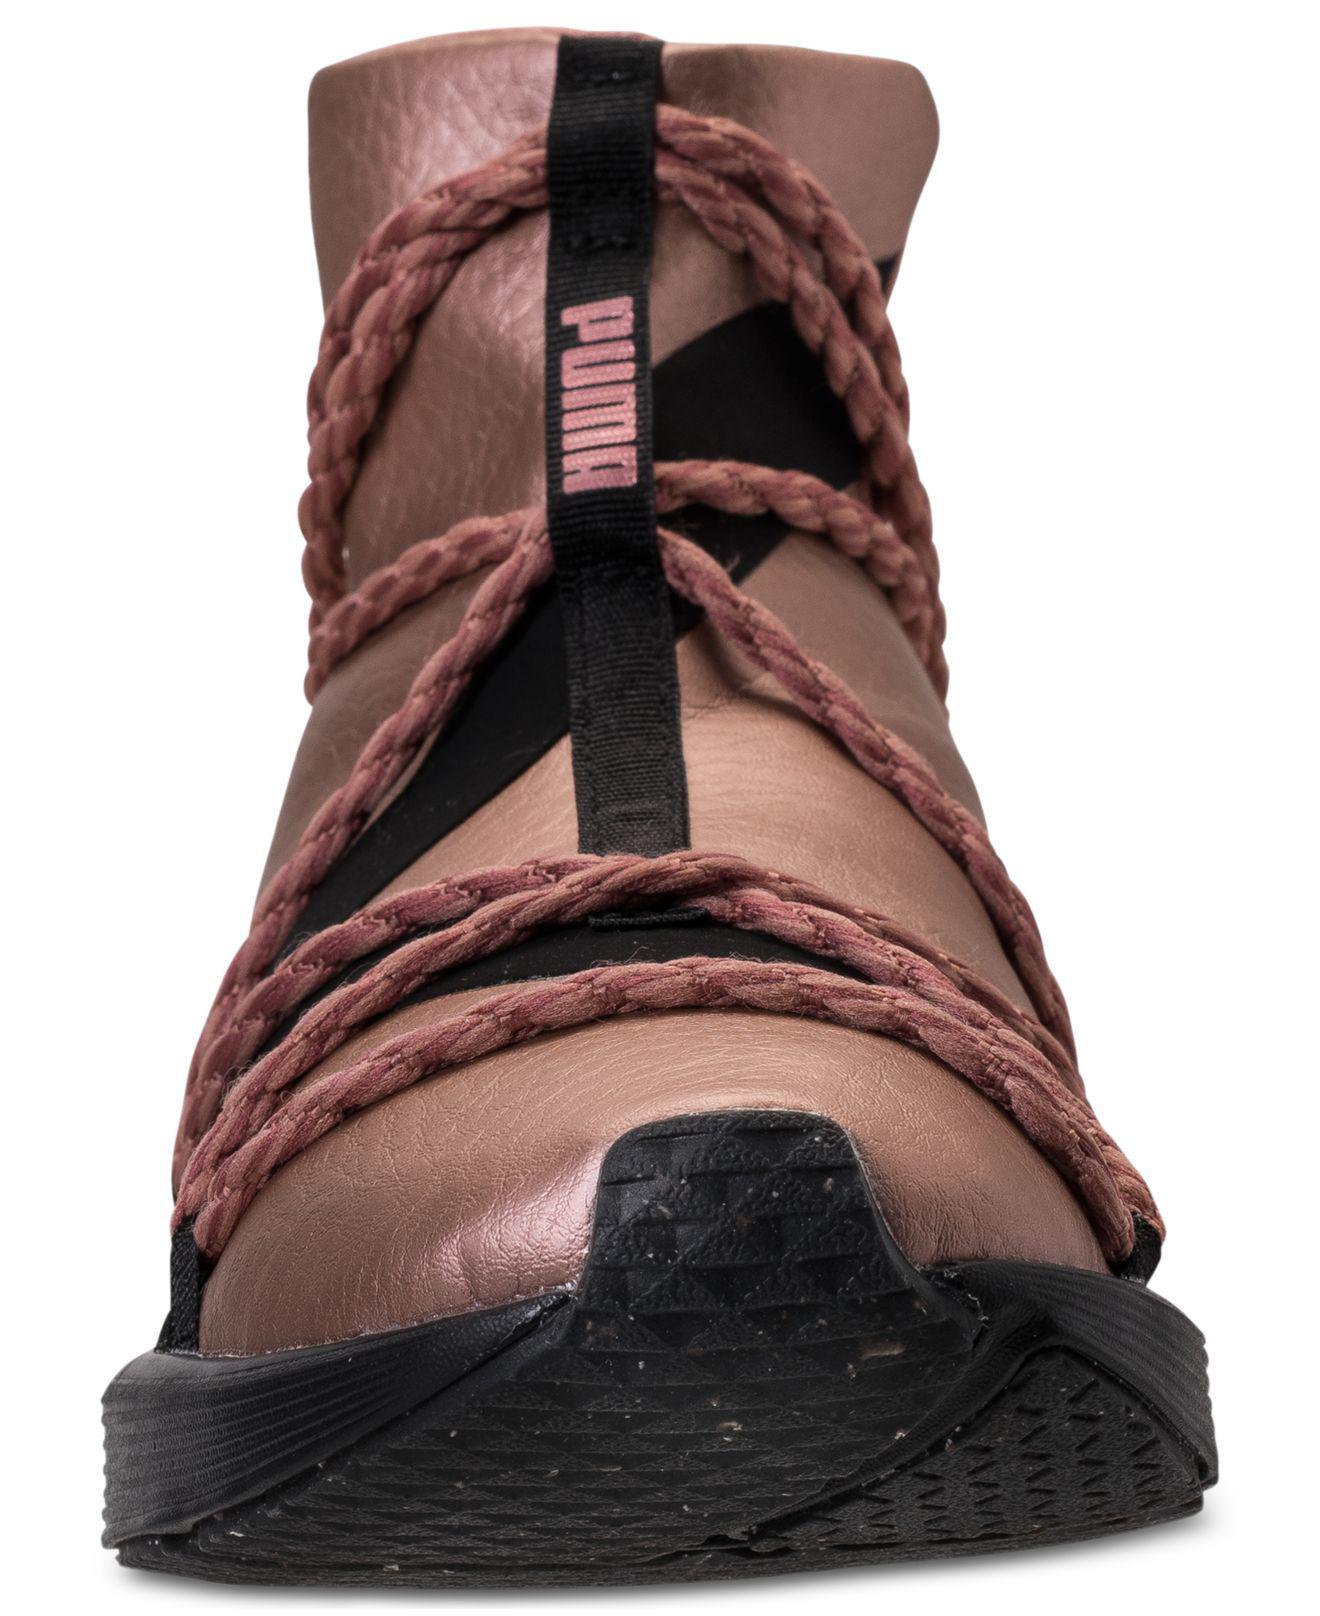 hot sale online 09256 0da71 ... Lyst - Puma Women s Fierce Rope Copper Velvet Rope Training Sneakers .